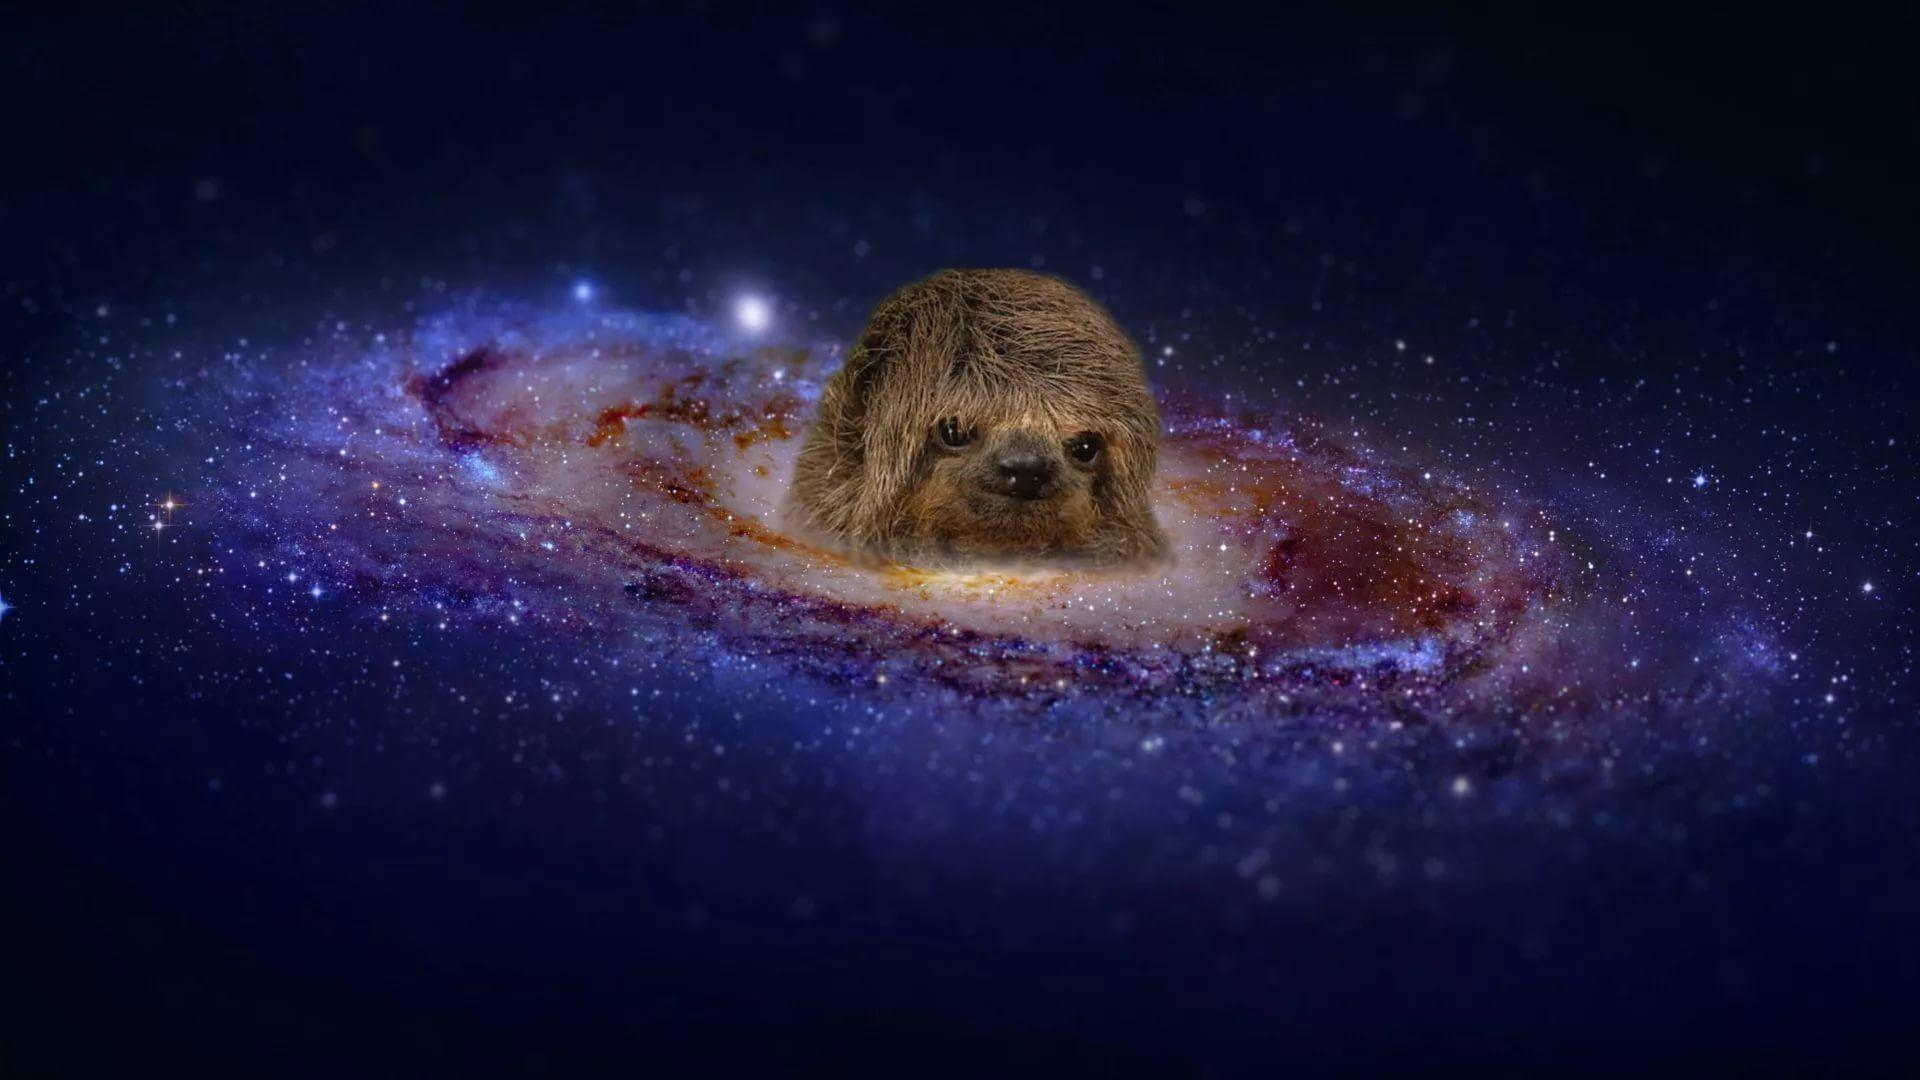 картинки животных в космосе наши идеи